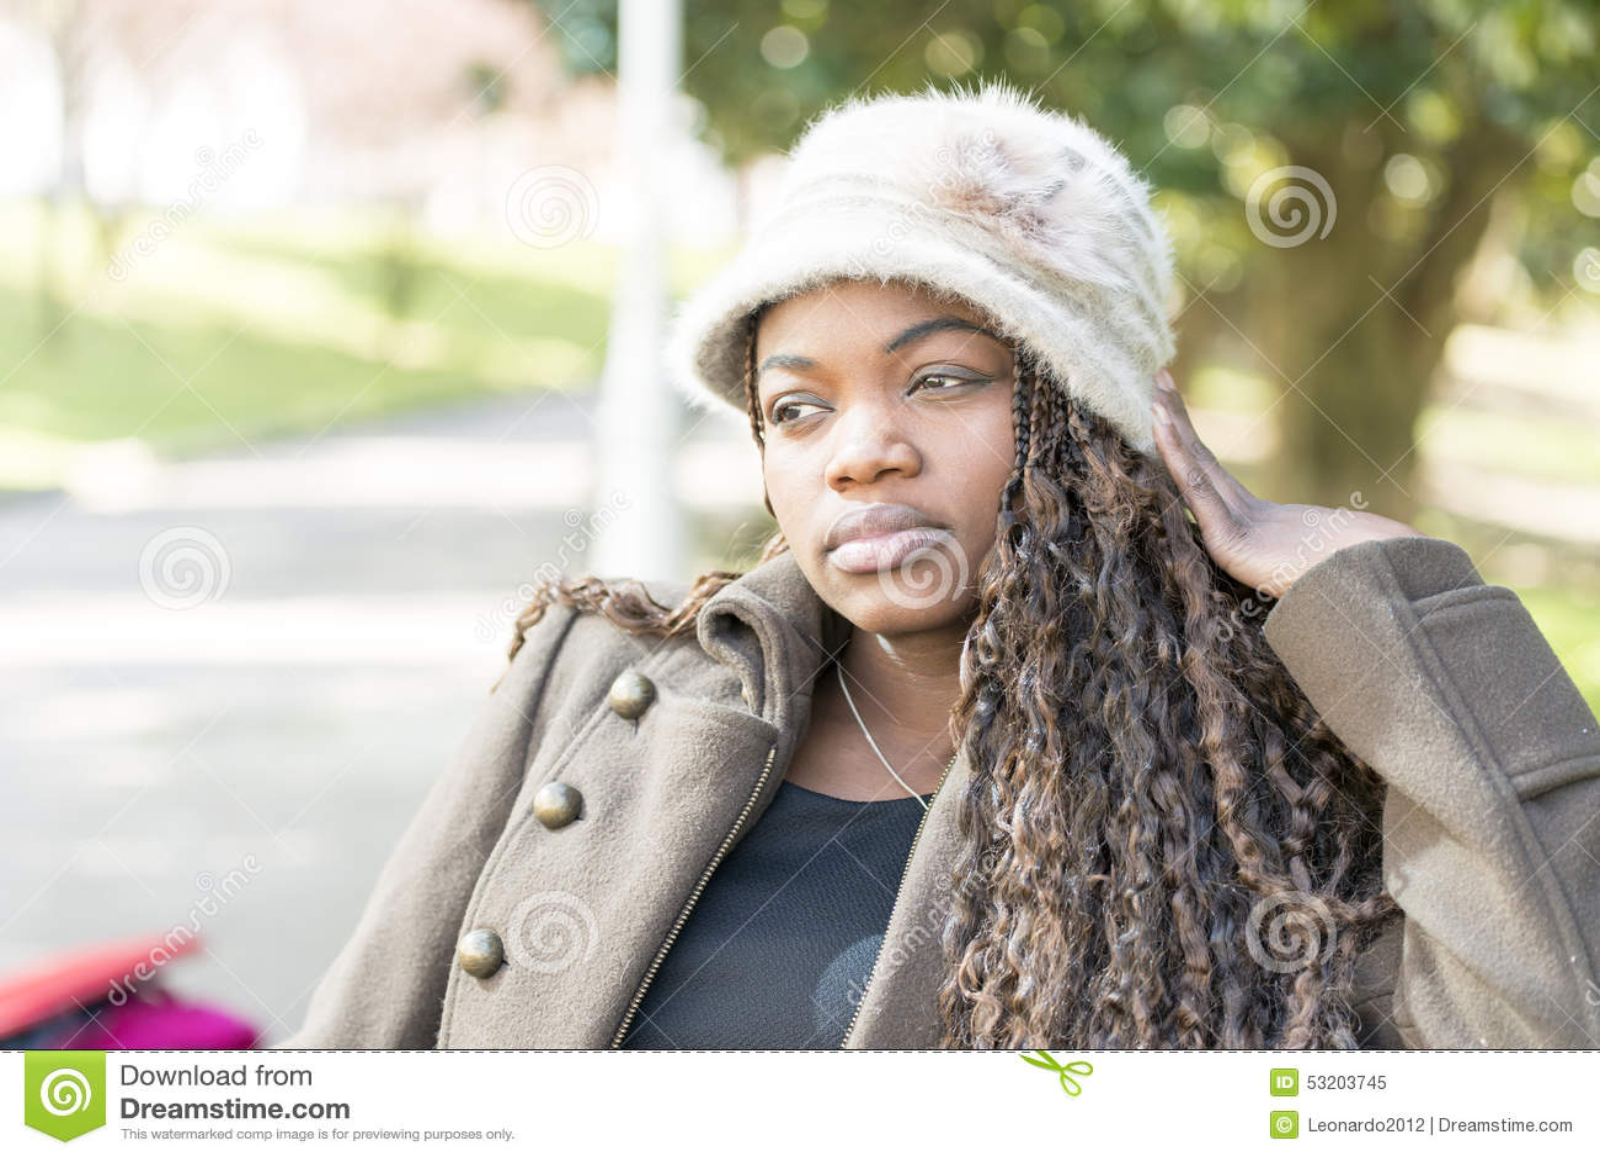 Schöne nachdenkliche afrikanische junge Frau mit Hut im Park